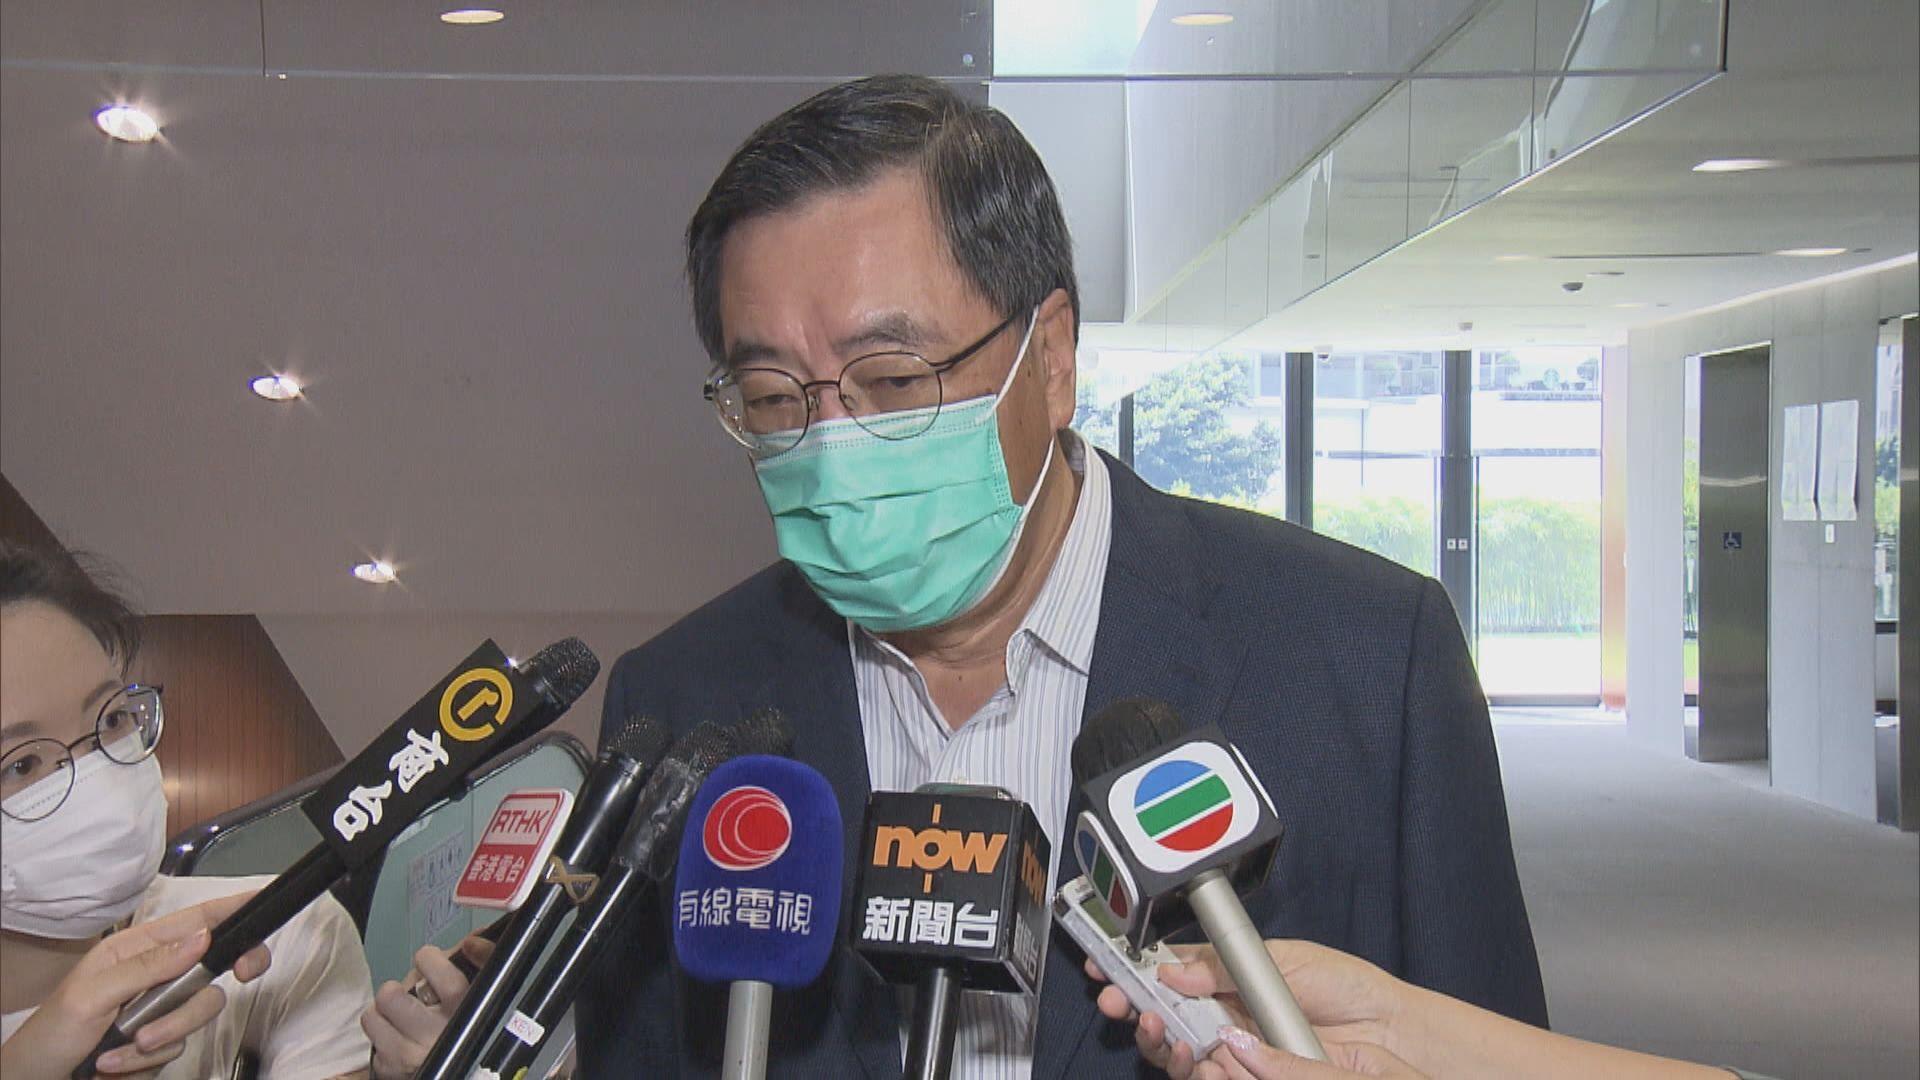 梁君彥:以私人身分向夏寶龍表達不同黨派及社會對國安法意見